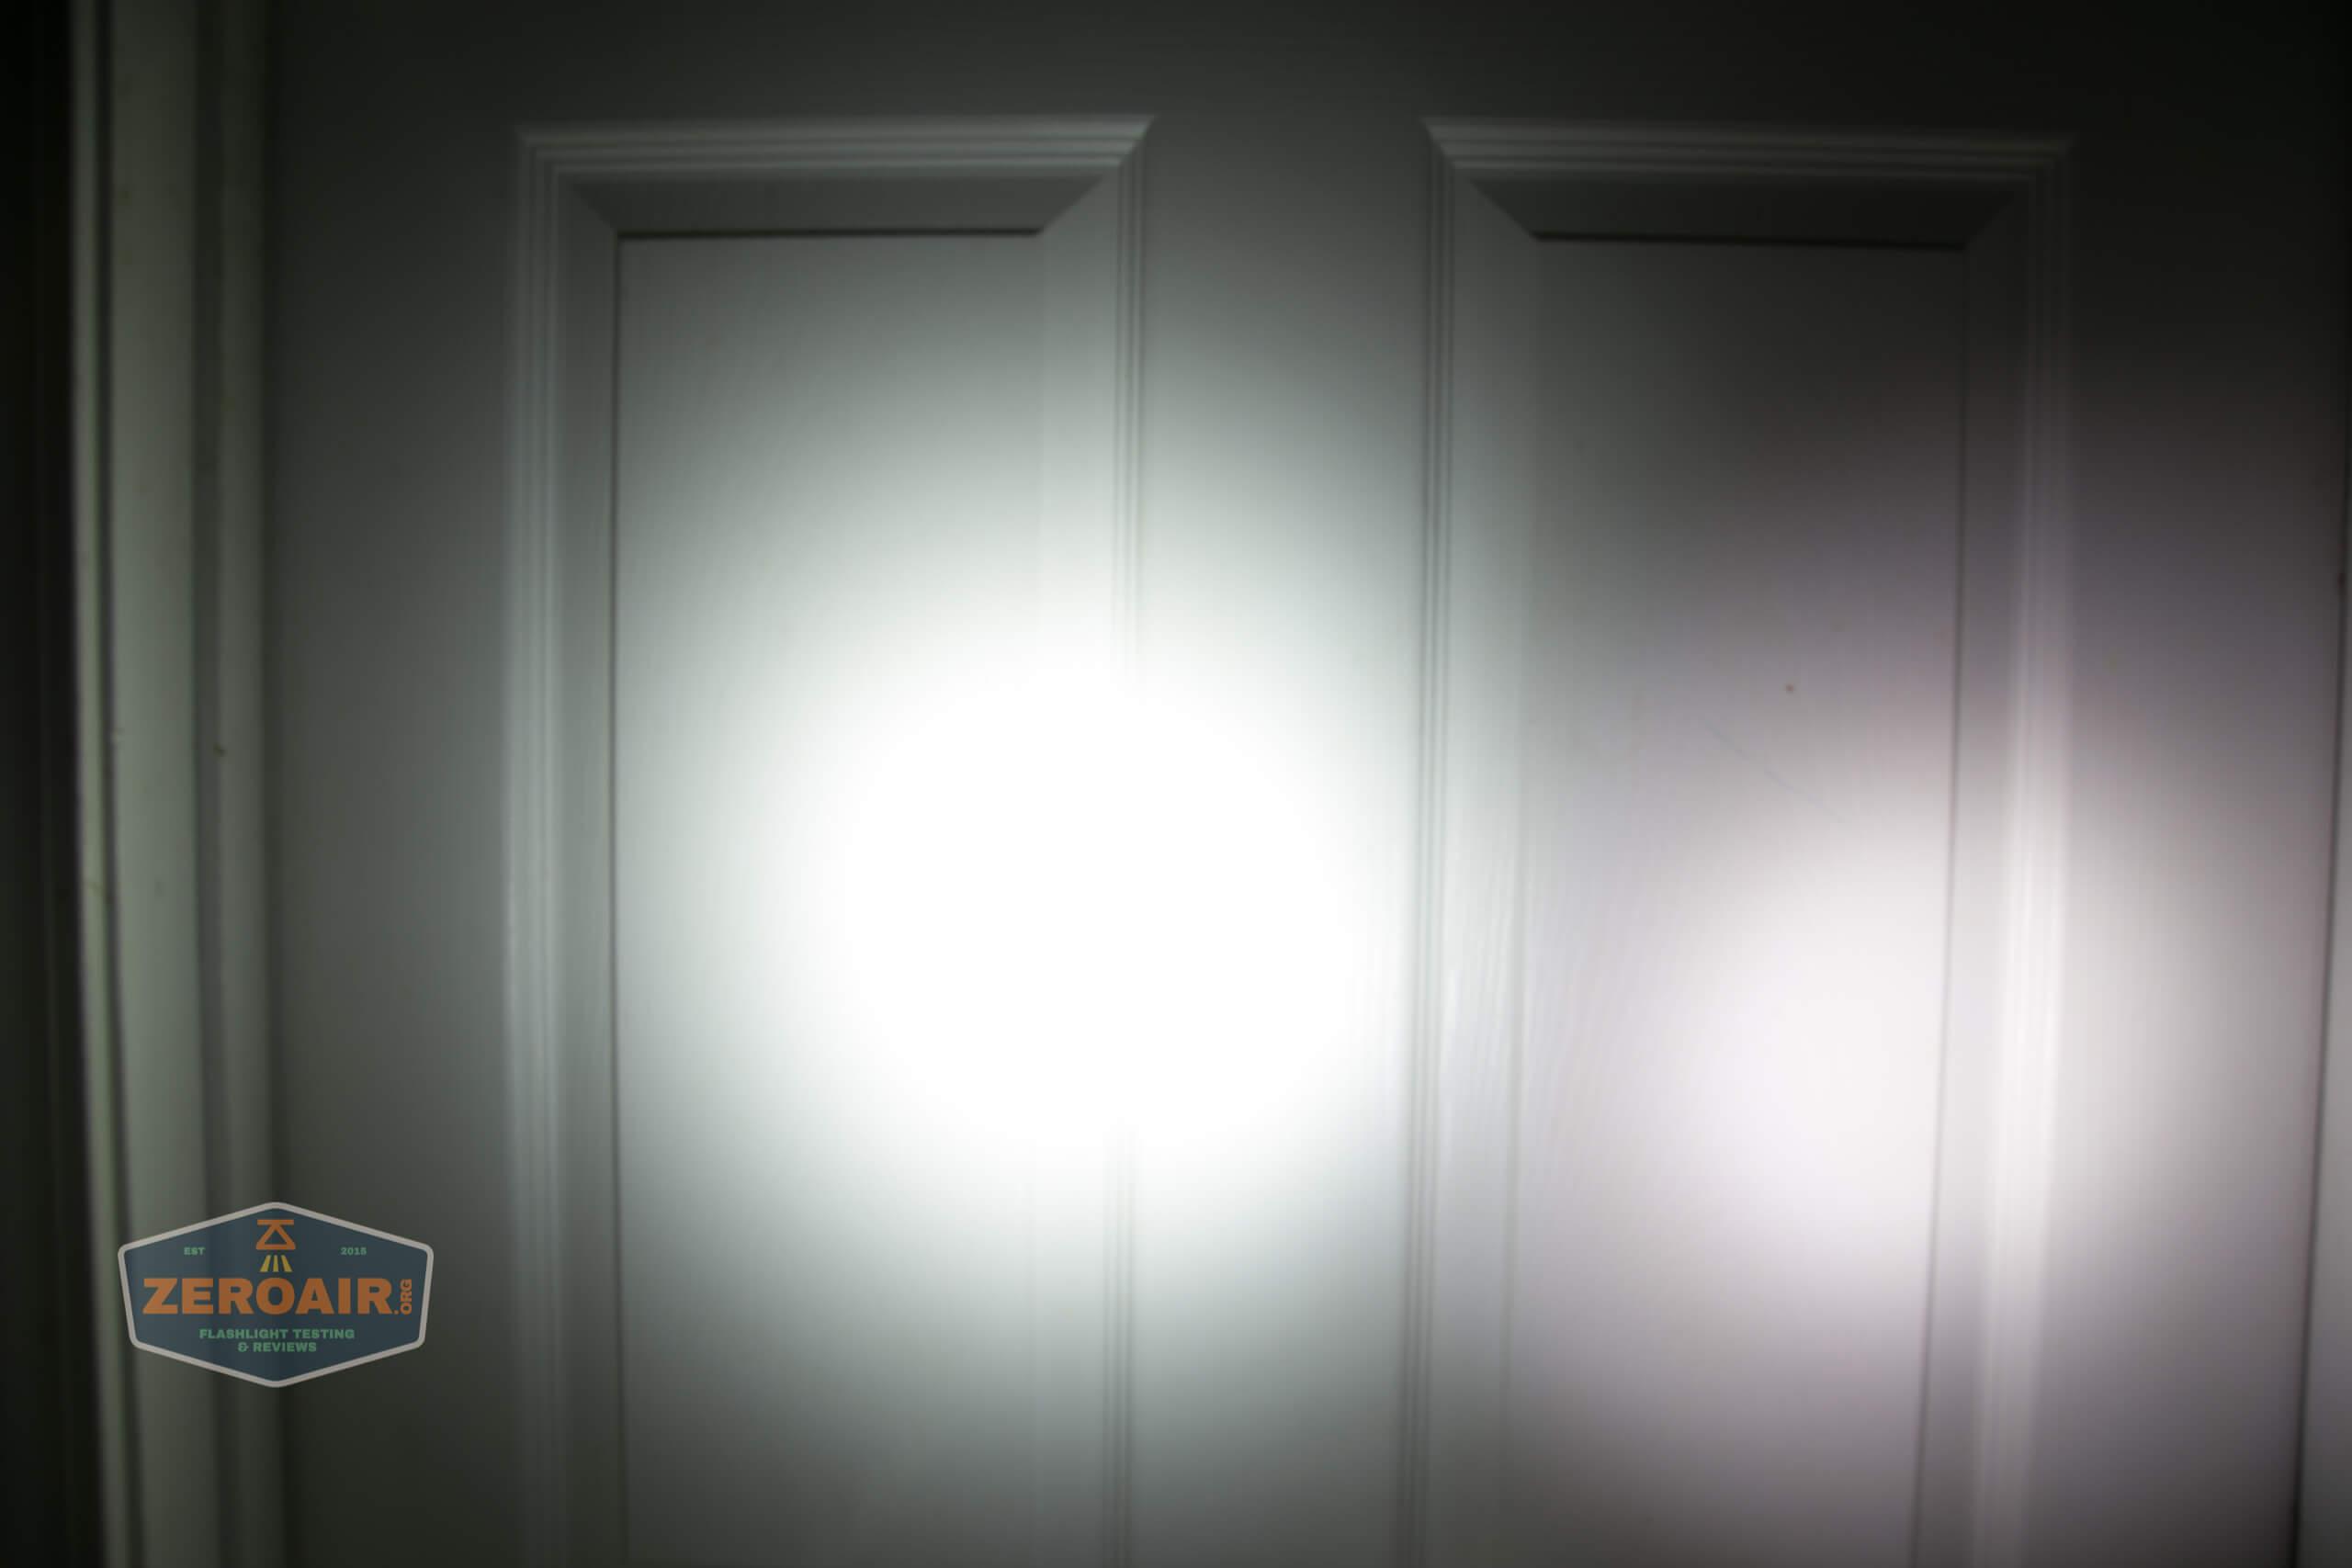 Manker MC13 thrower flashlight beamshot door 8